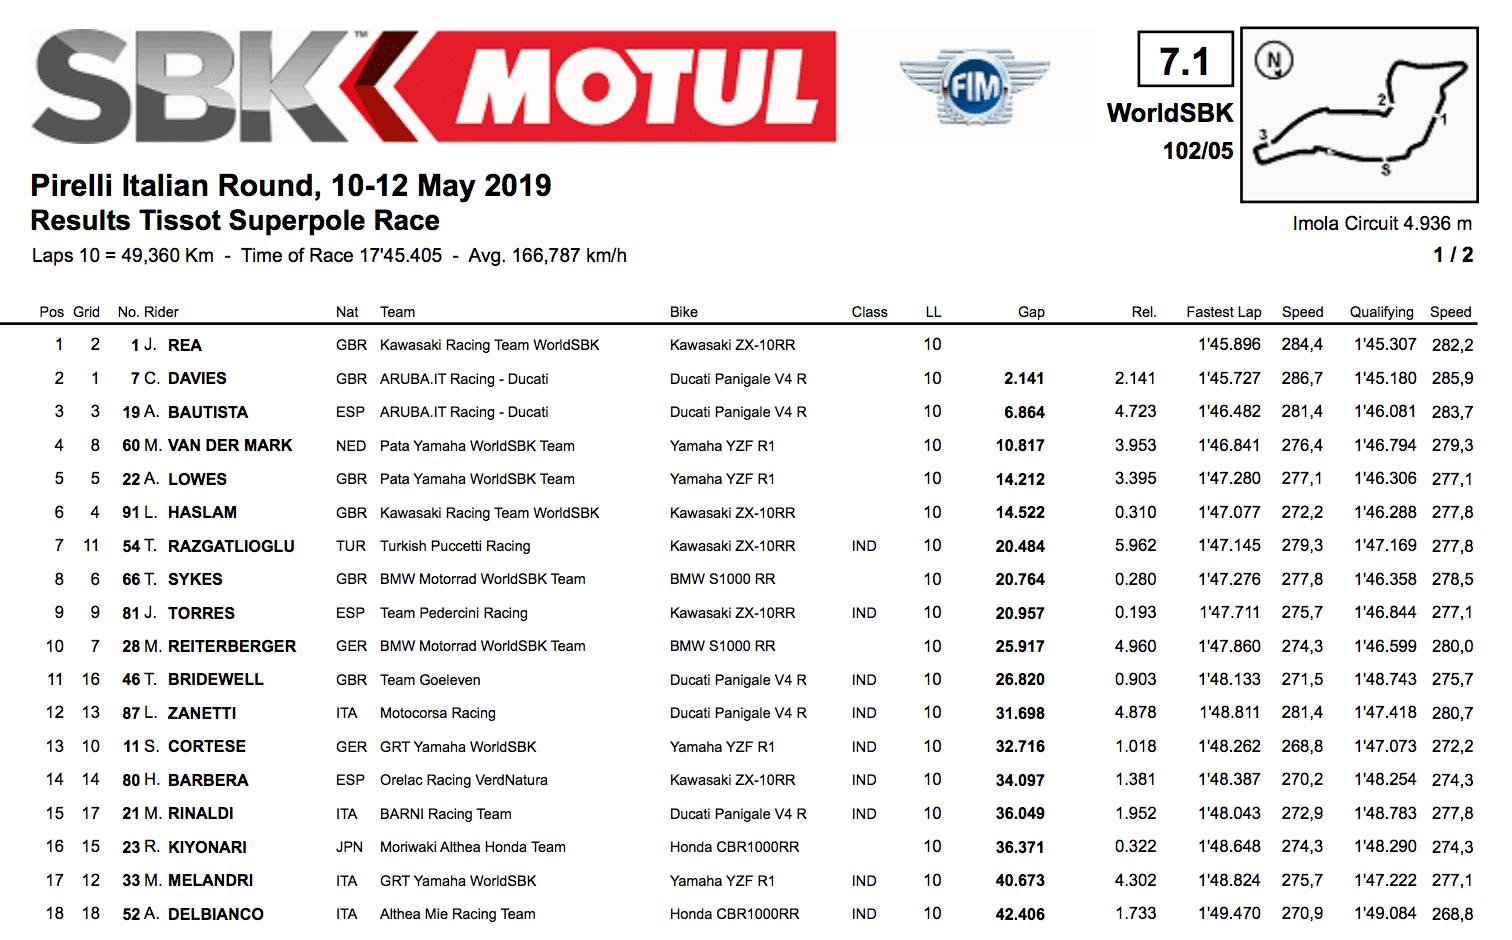 SBK第5戦イモラ スーパーポールレース結果